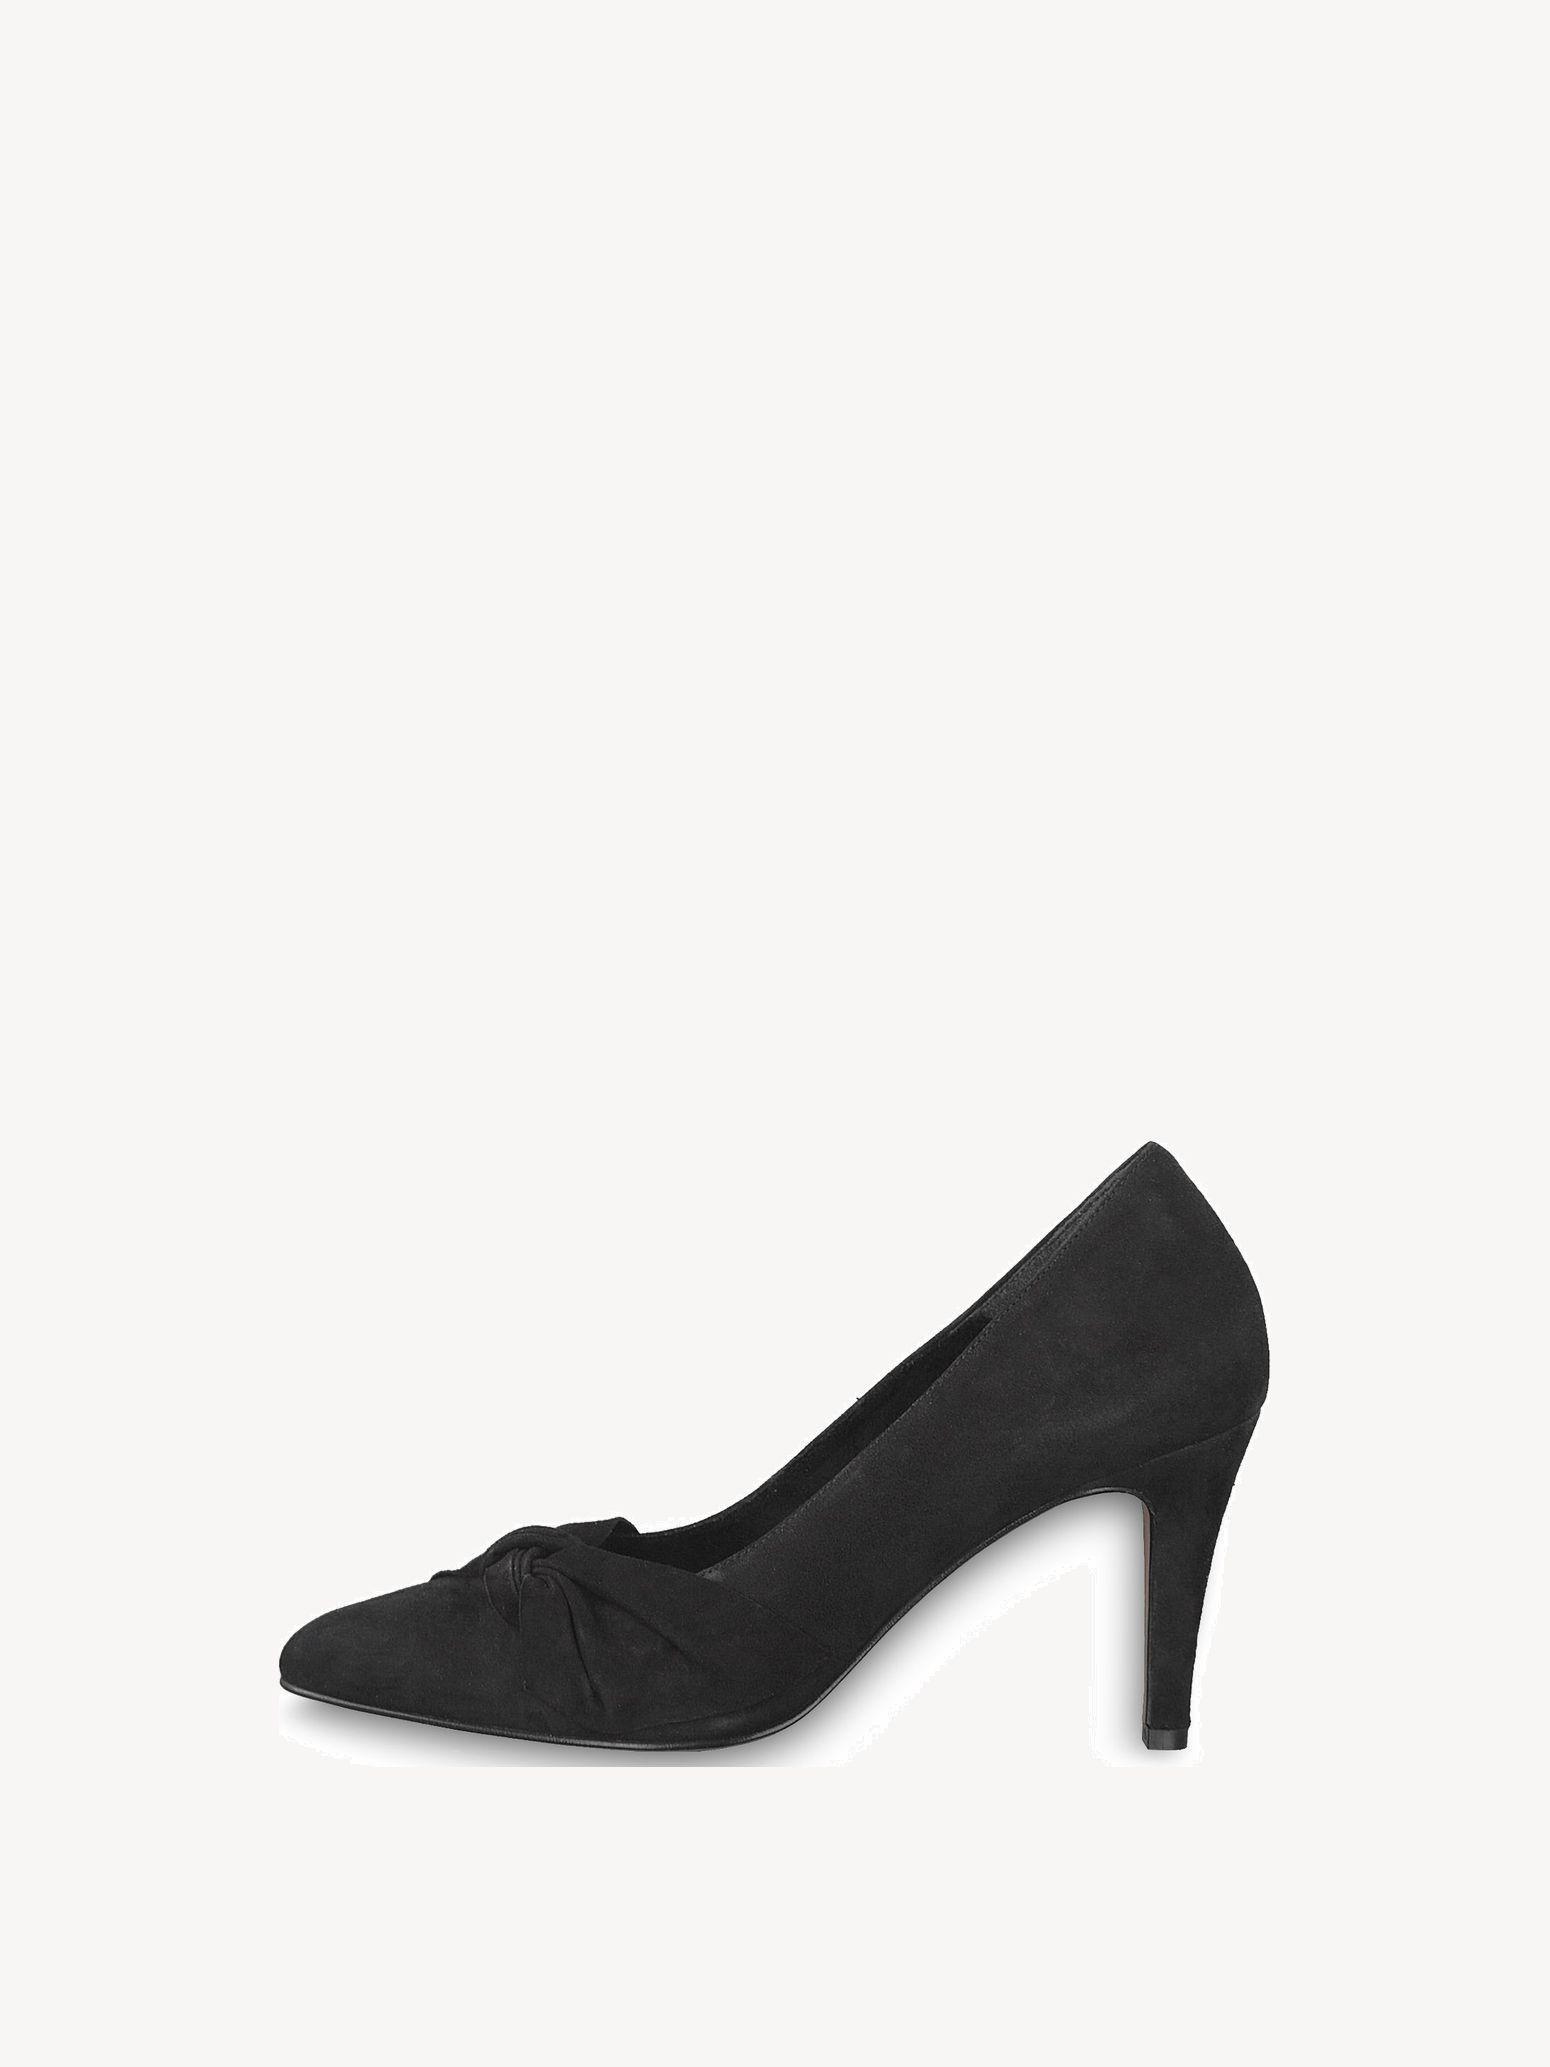 Tamaris Damenschuhe aus Samt günstig kaufen | eBay